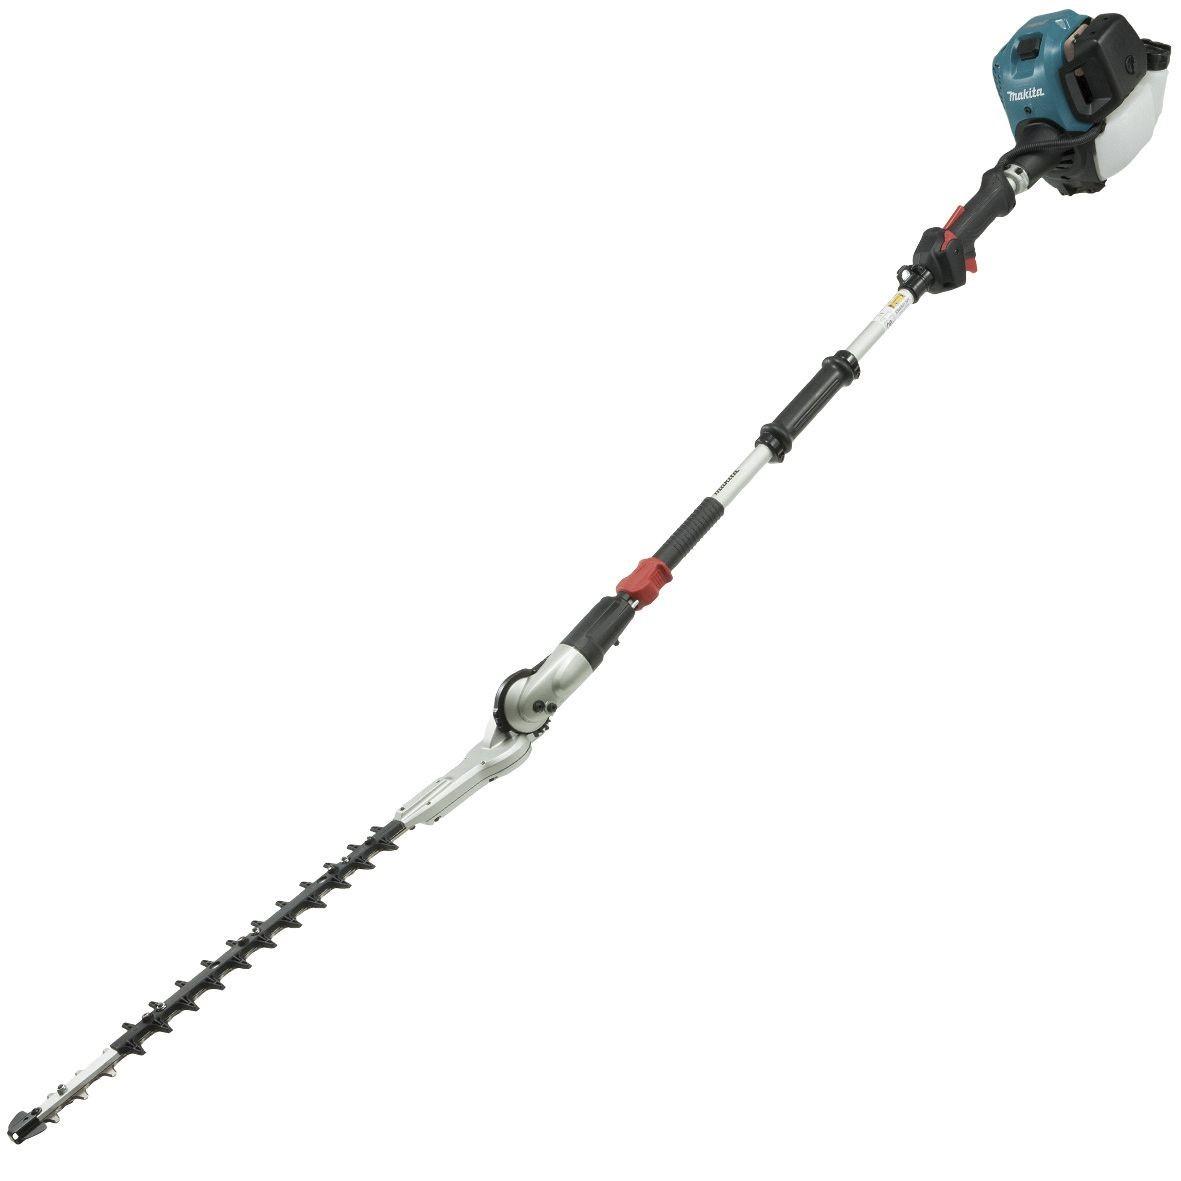 Makita En Sh Petrol Heavy Duty Hedge Trimmer Mm4 4